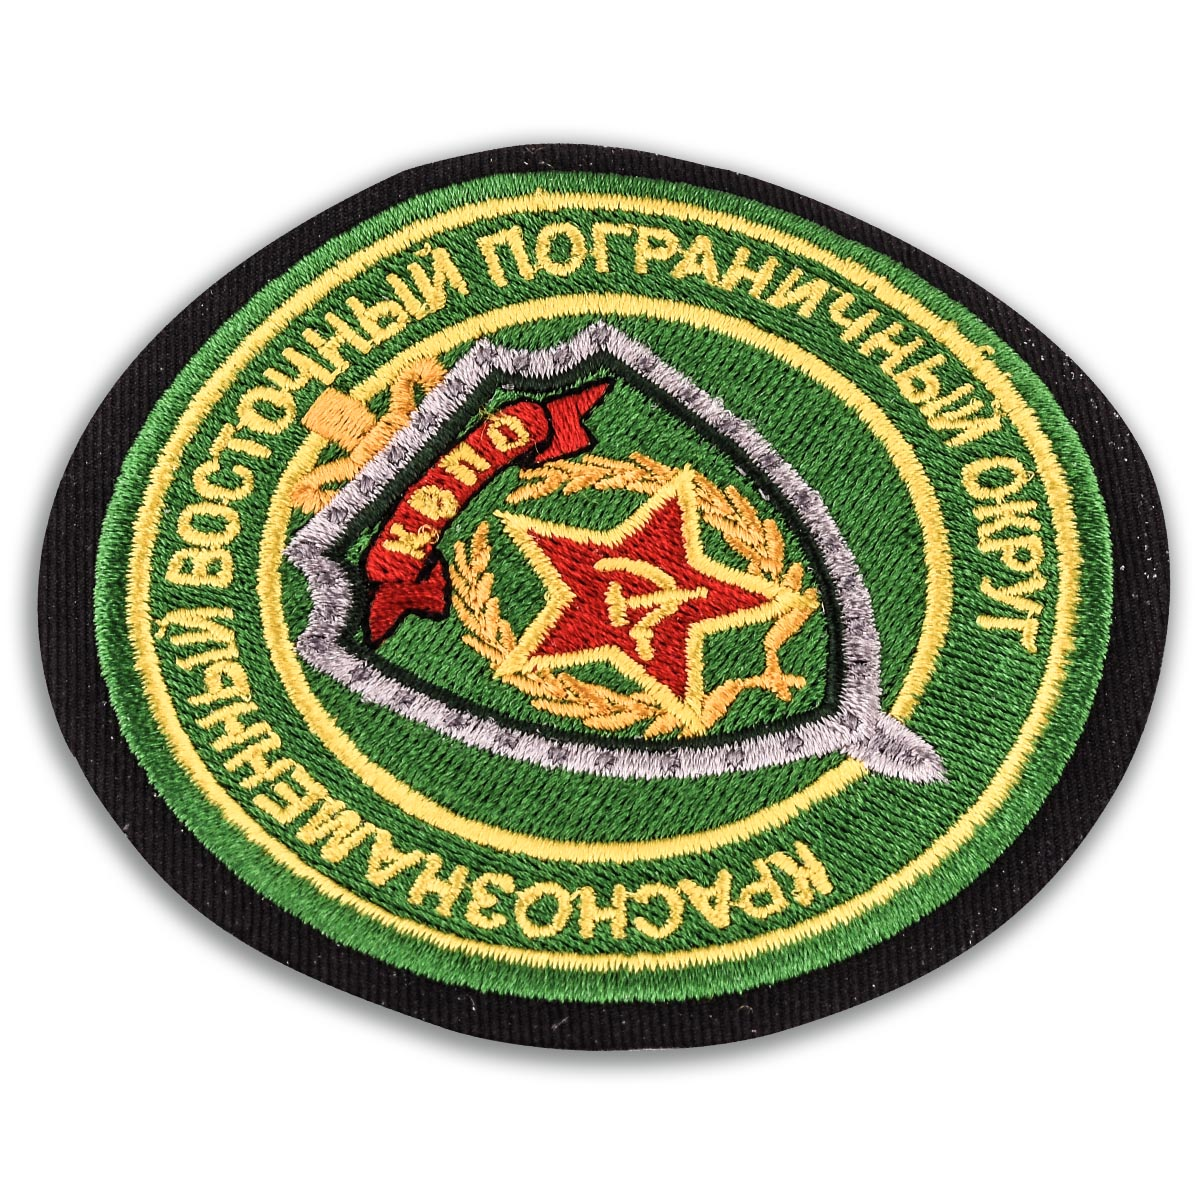 """Шеврон Погранвойск """"Краснознаменный Восточный пограничный округ"""" - вид под углом"""